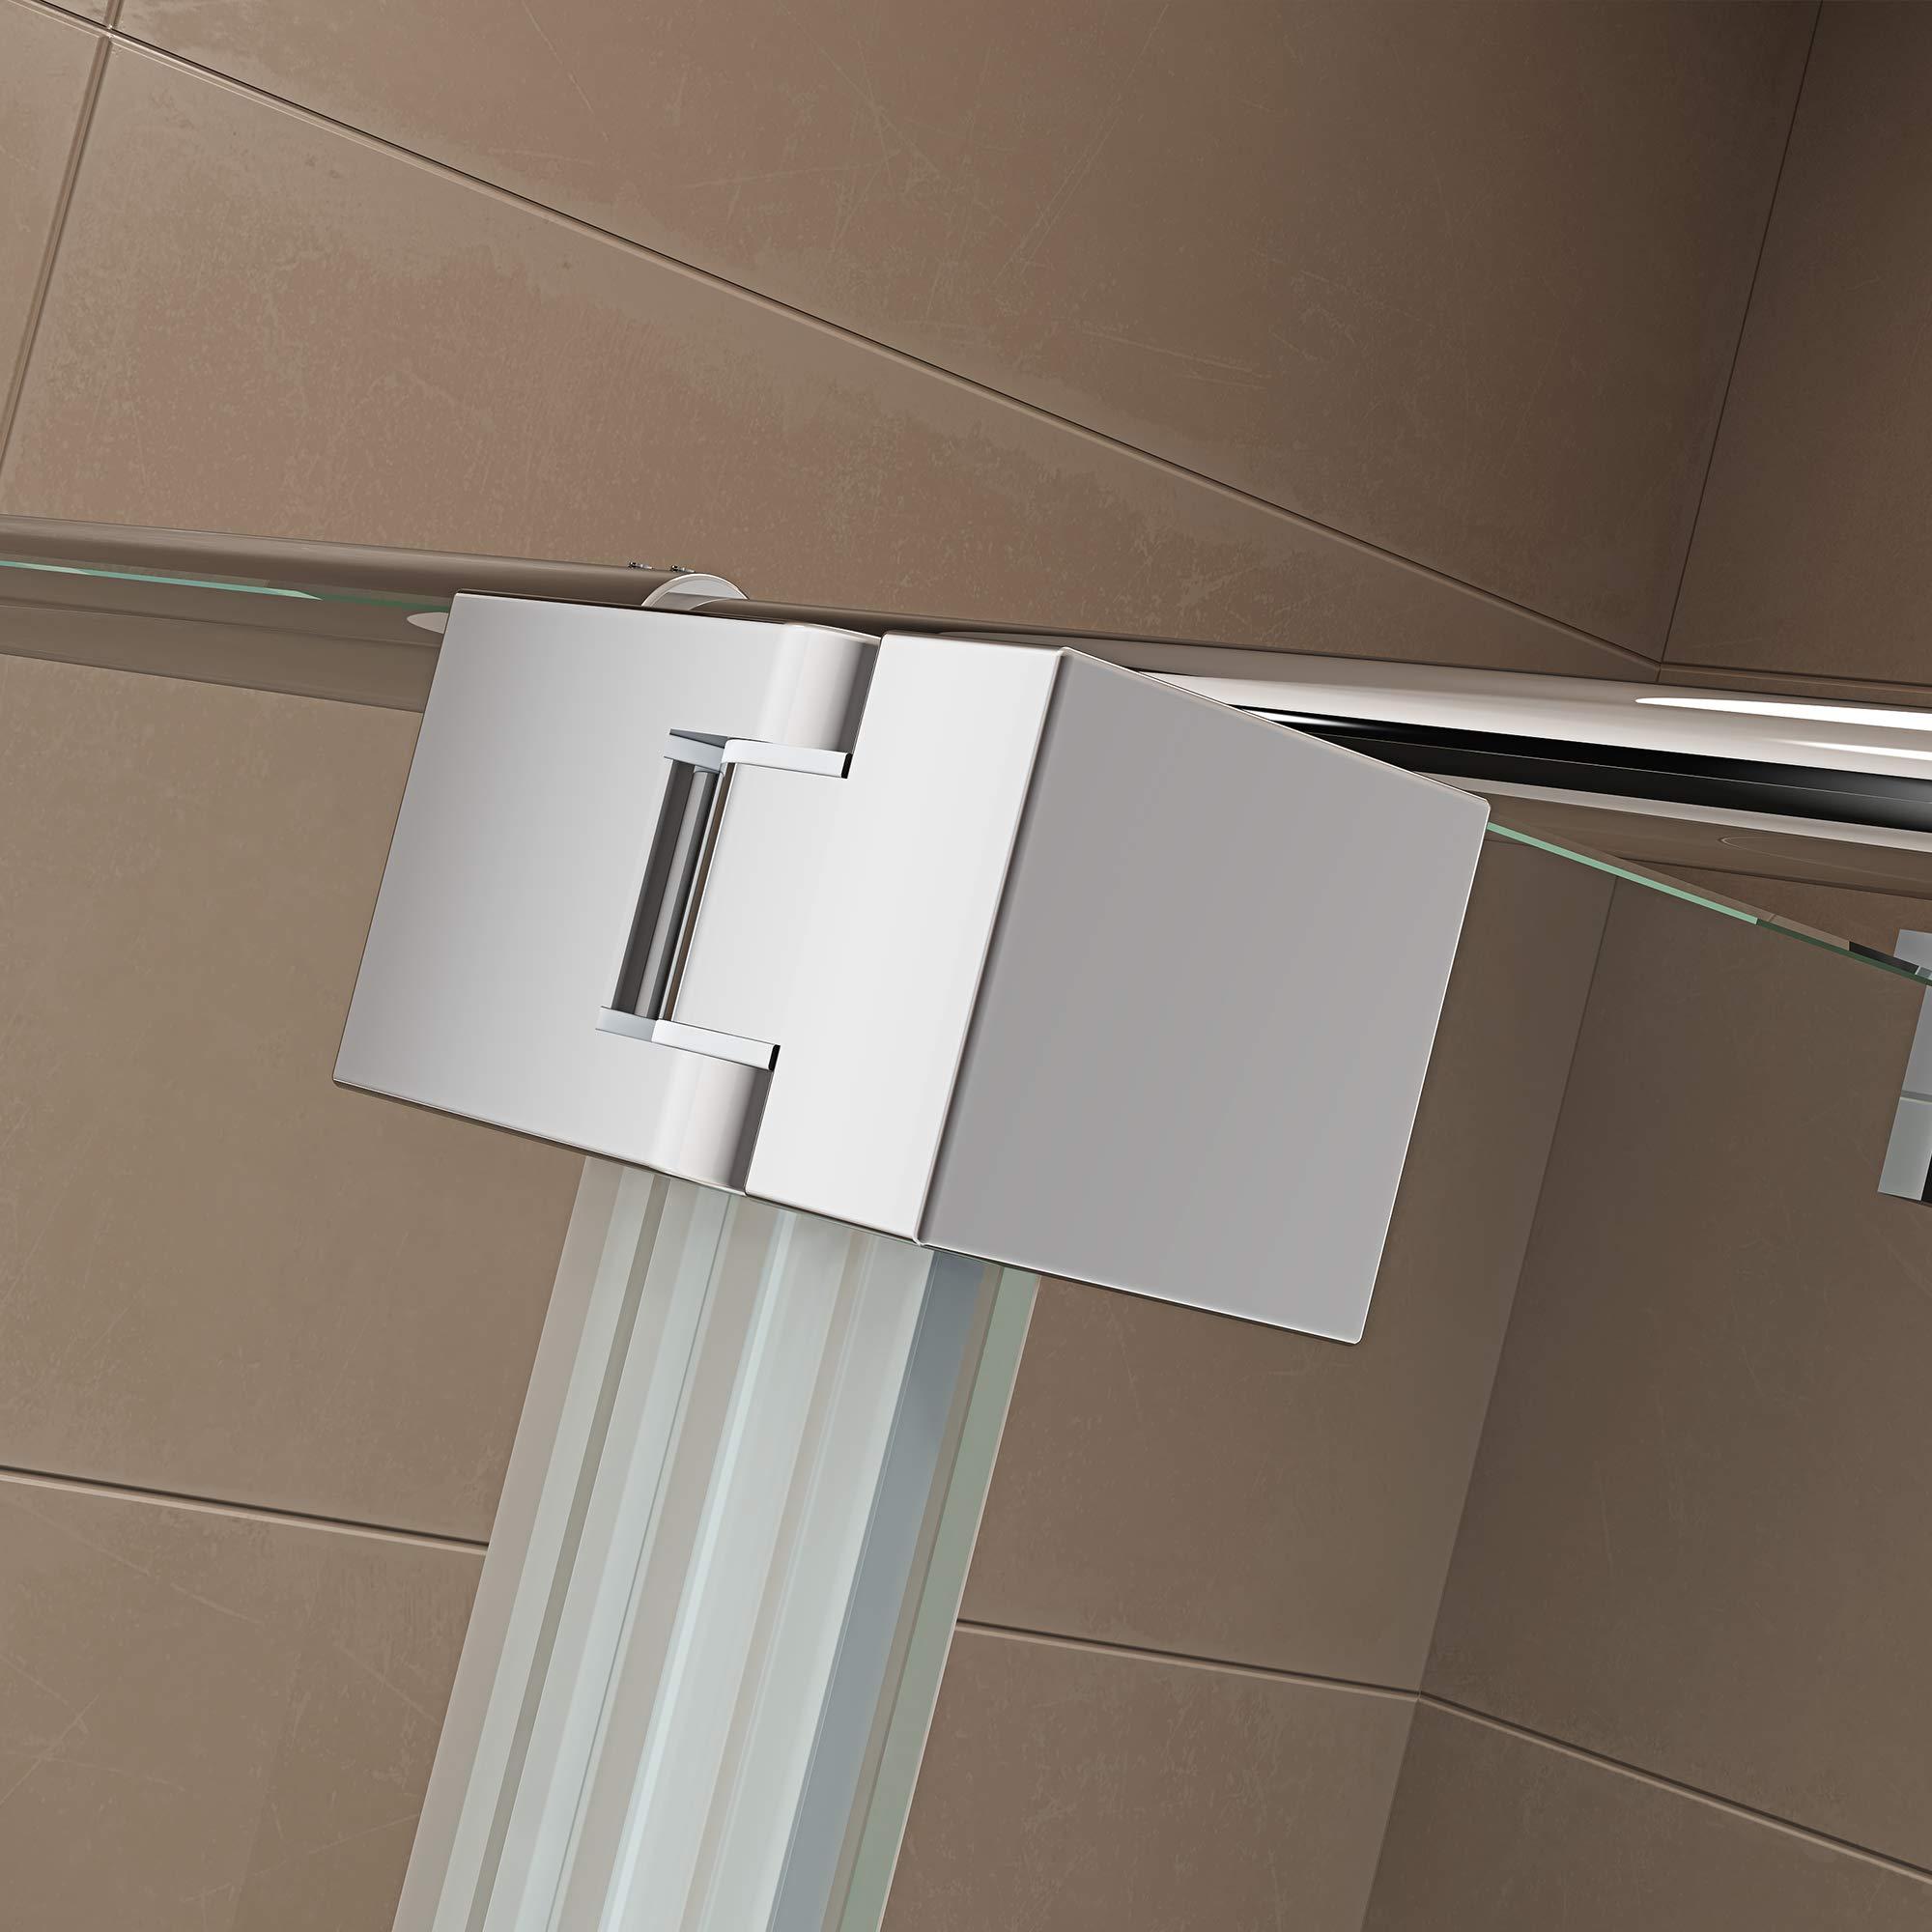 Mampara de ducha Walk-in con protección antisalpicaduras NT109 8 mm ESG de cristal: Amazon.es: Bricolaje y herramientas